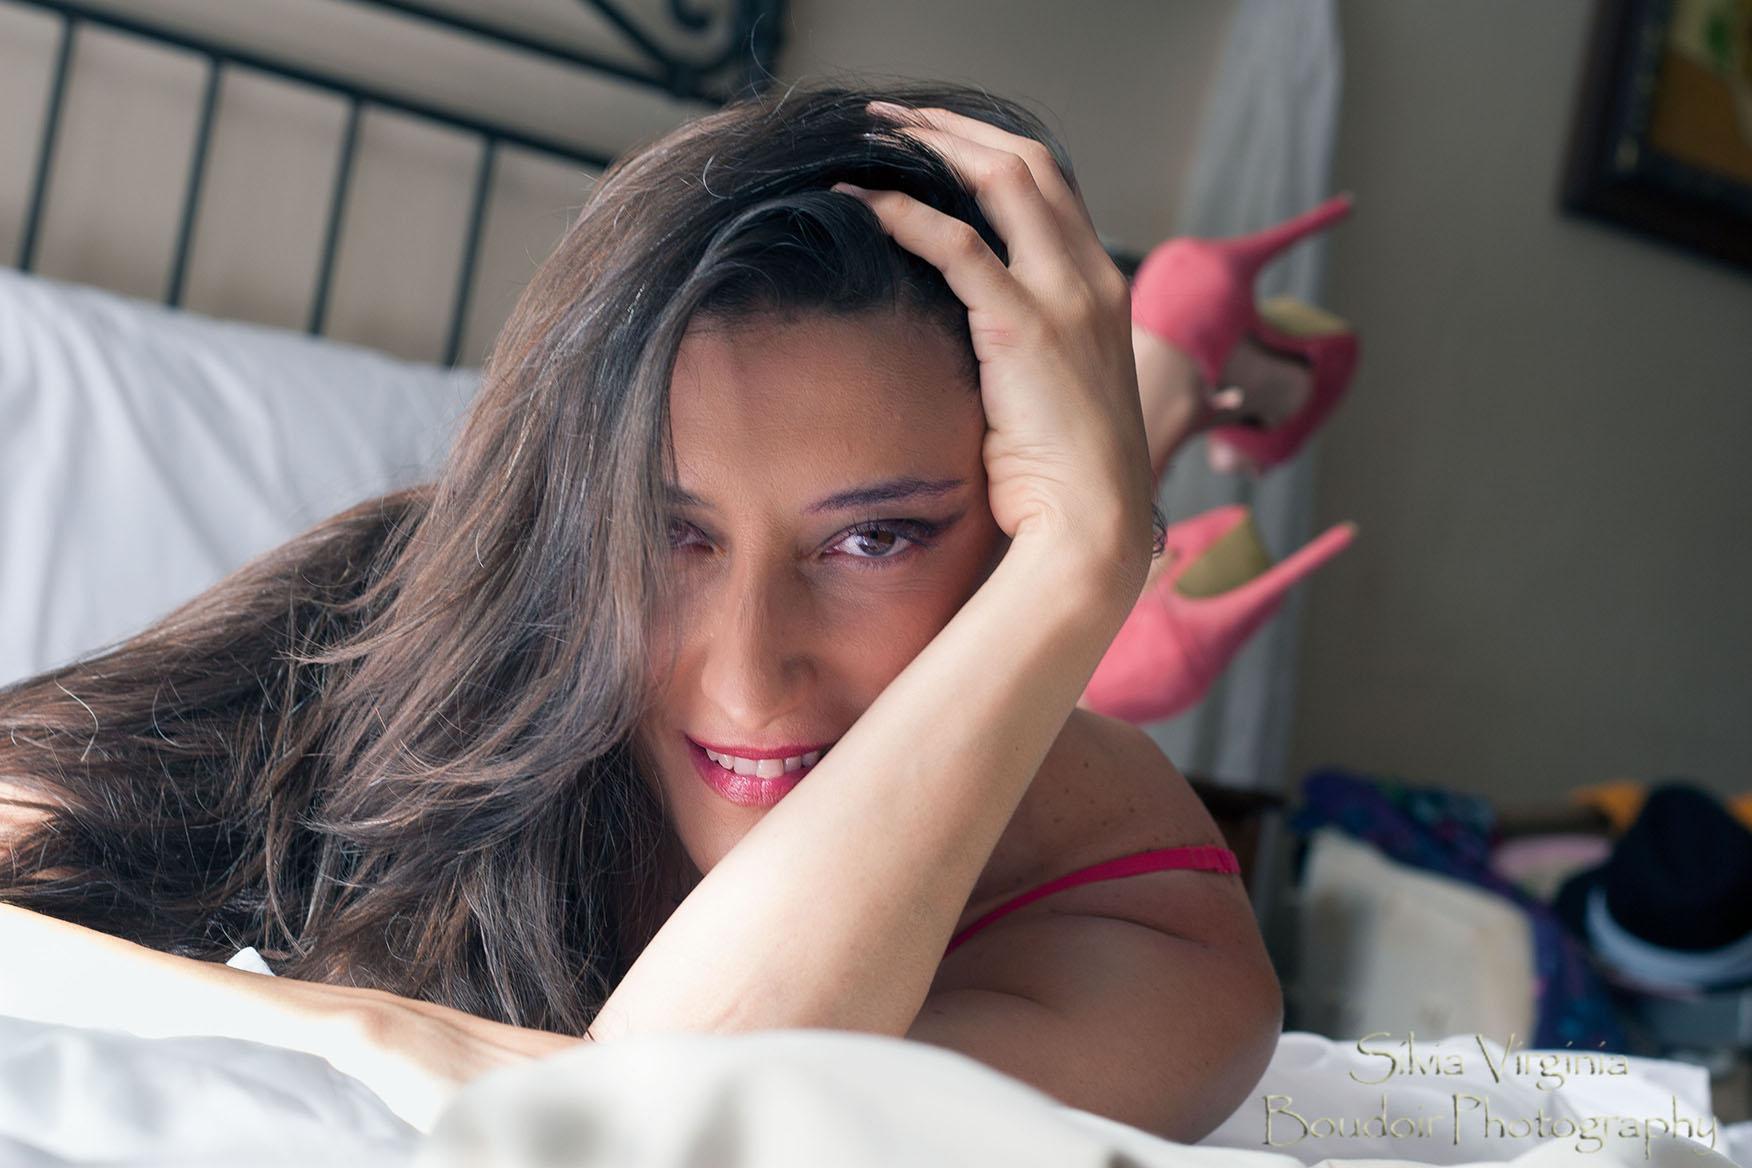 Boudoir Photography-El retorno de Lilith